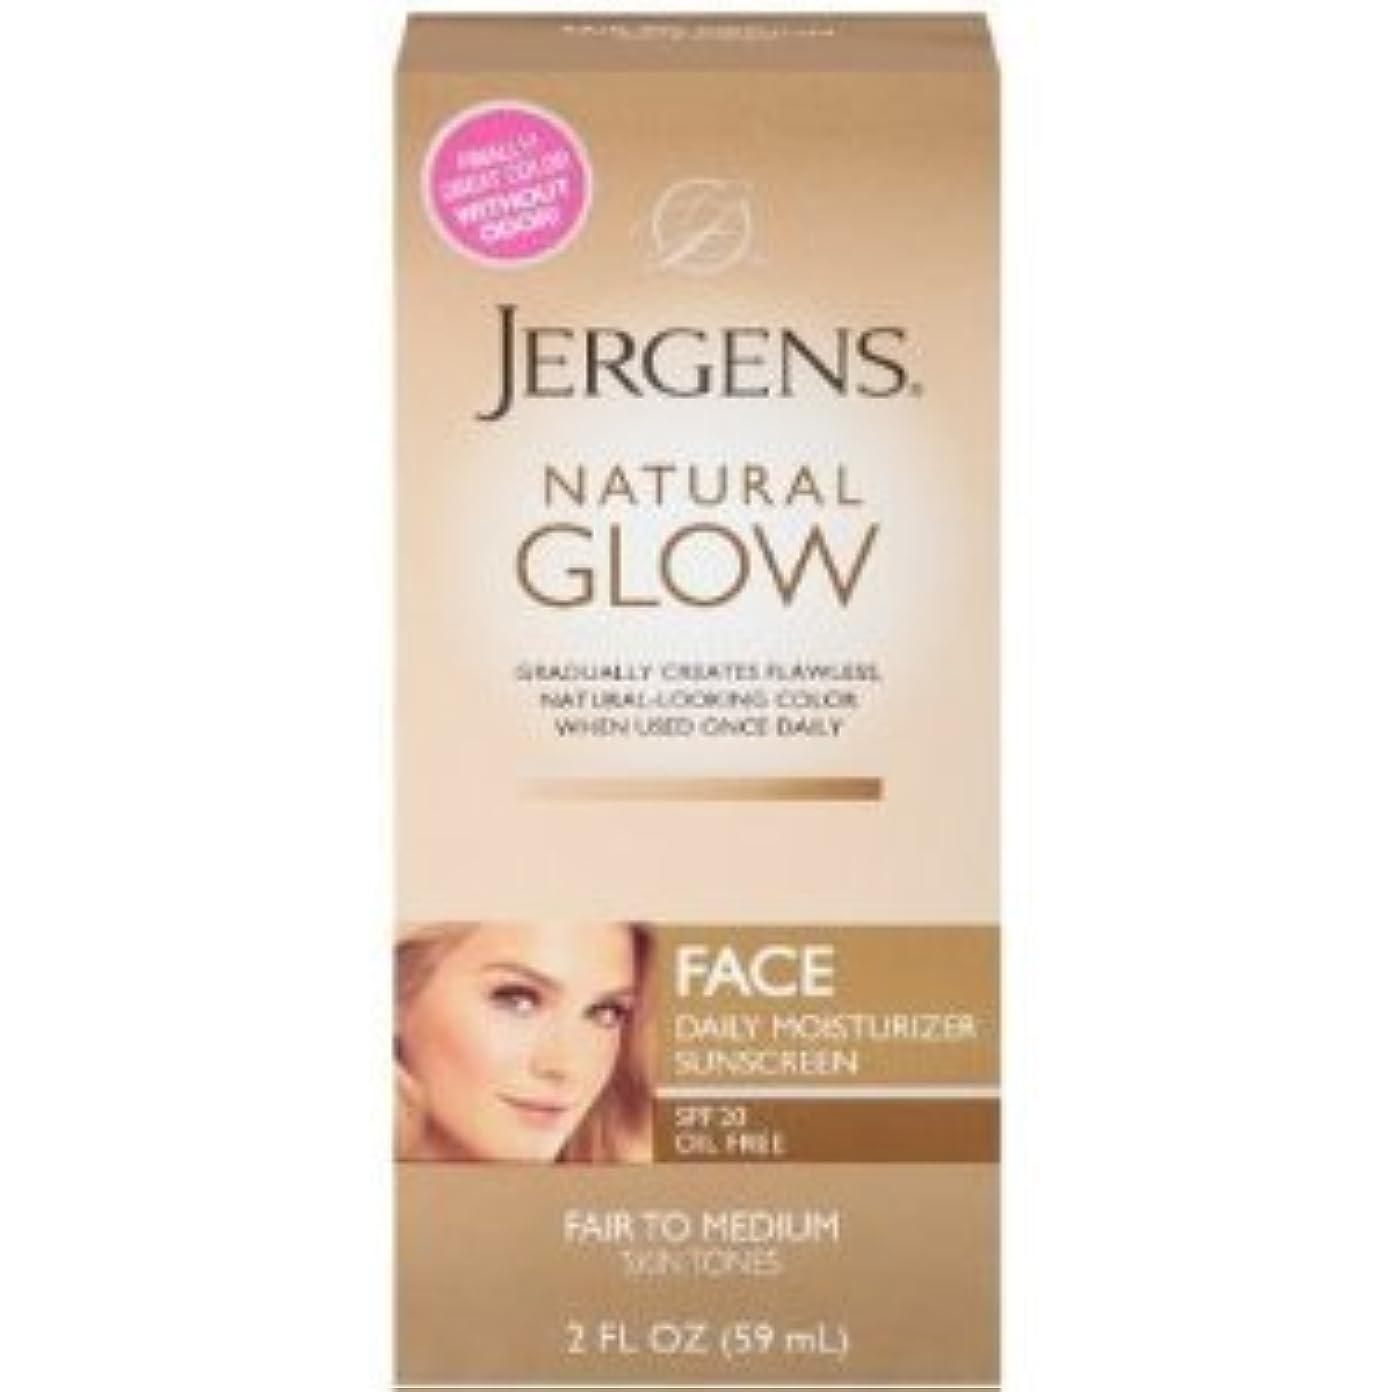 複製するフックストライプNatural Glow Healthy Complexion Daily Facial Moisturizer, SPF 20, Fair to Medium Tan, (59ml) (海外直送品)